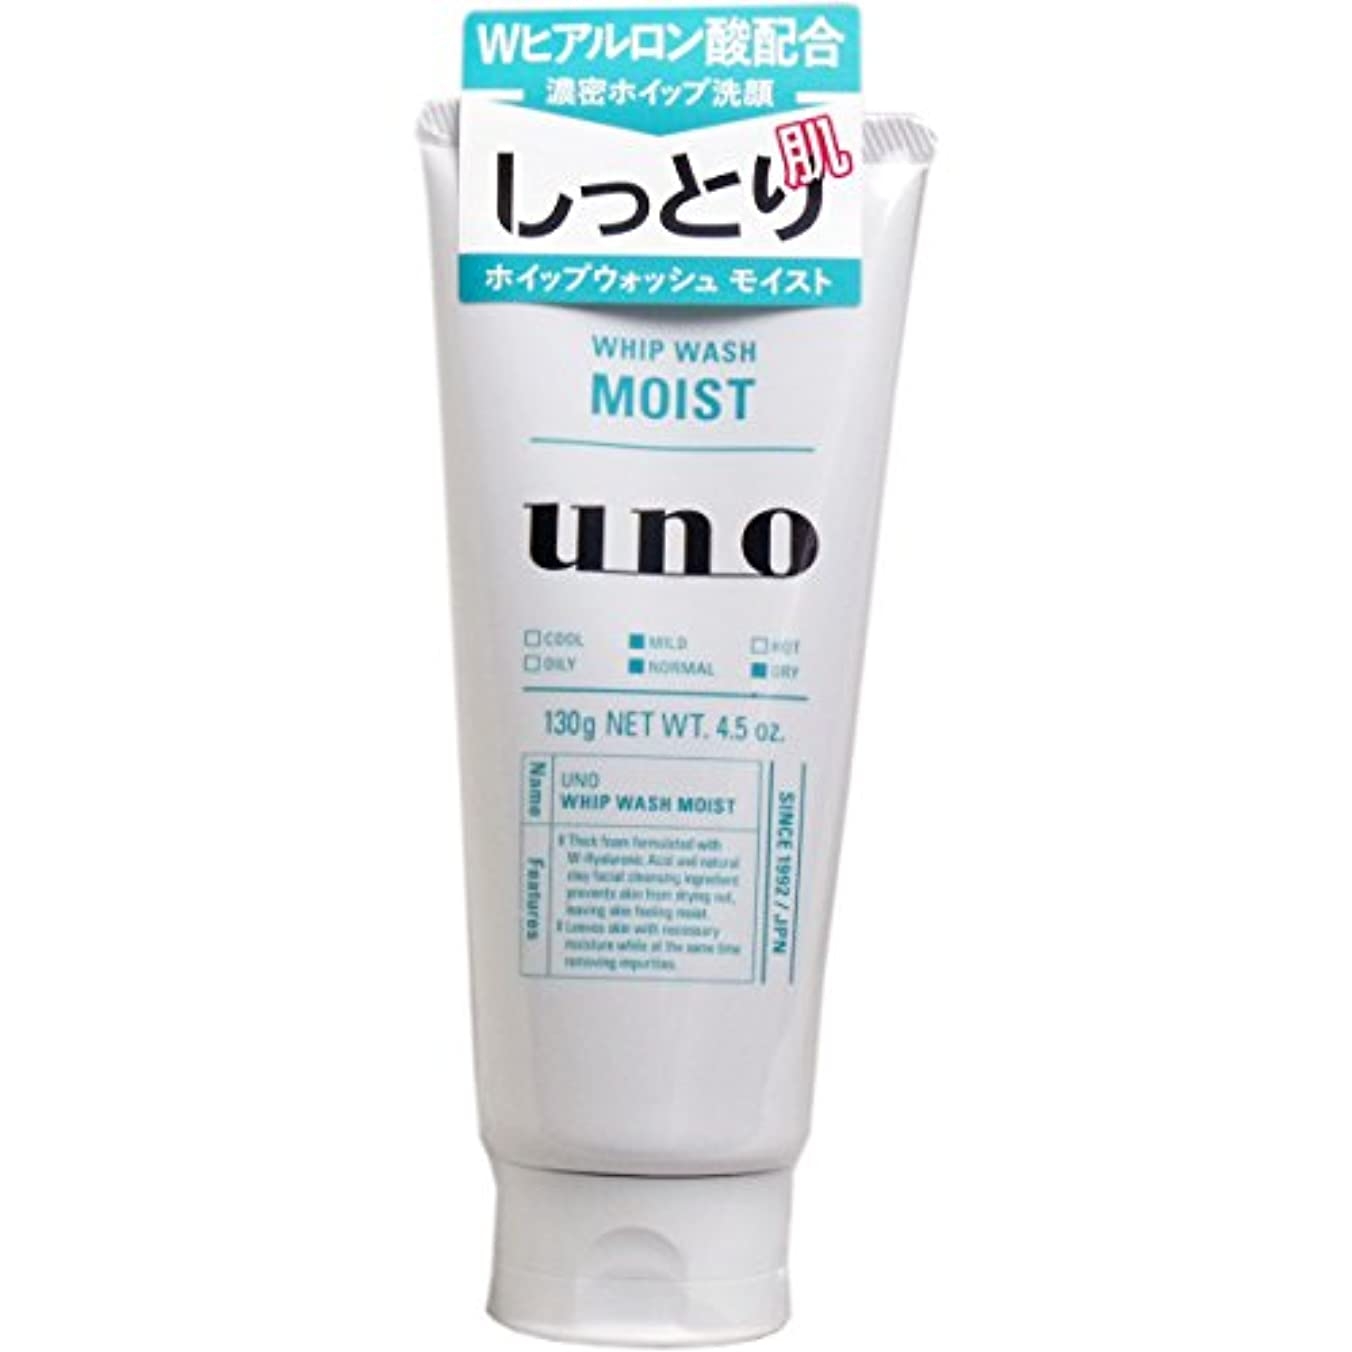 【資生堂】ウーノ(uno) ホイップウォッシュ (モイスト) 130g ×3個セット